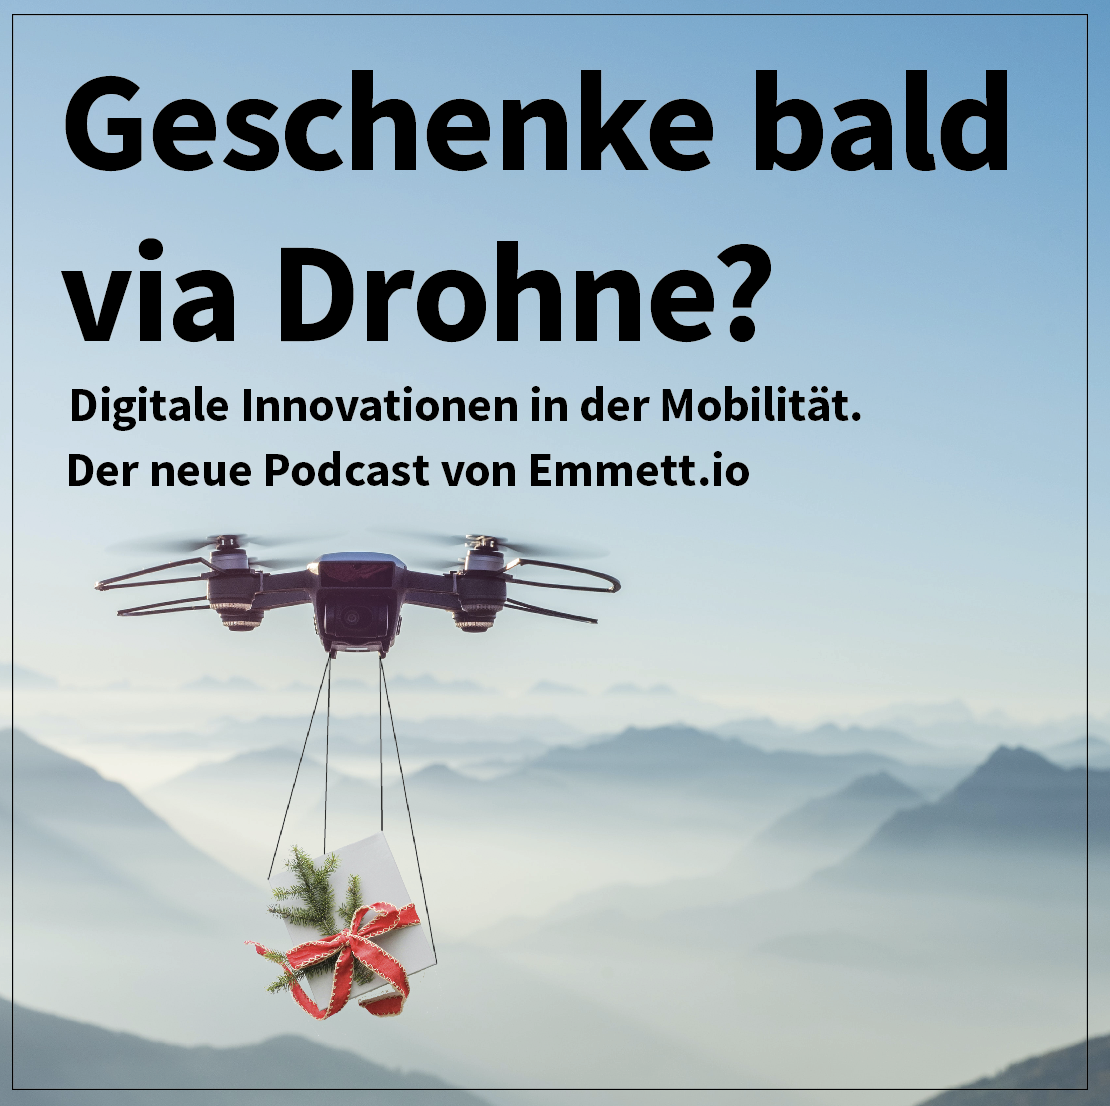 """Manipuliertes Bild auf der eine Drohne ein Weihnachtsgeschenk durch eine Berglangschaft transportiert mit der Schrift """"Geschenke bald via Drohne? - Digitale Innovationen in der Mibilität- Der neue Podcast von Emmett.io"""""""